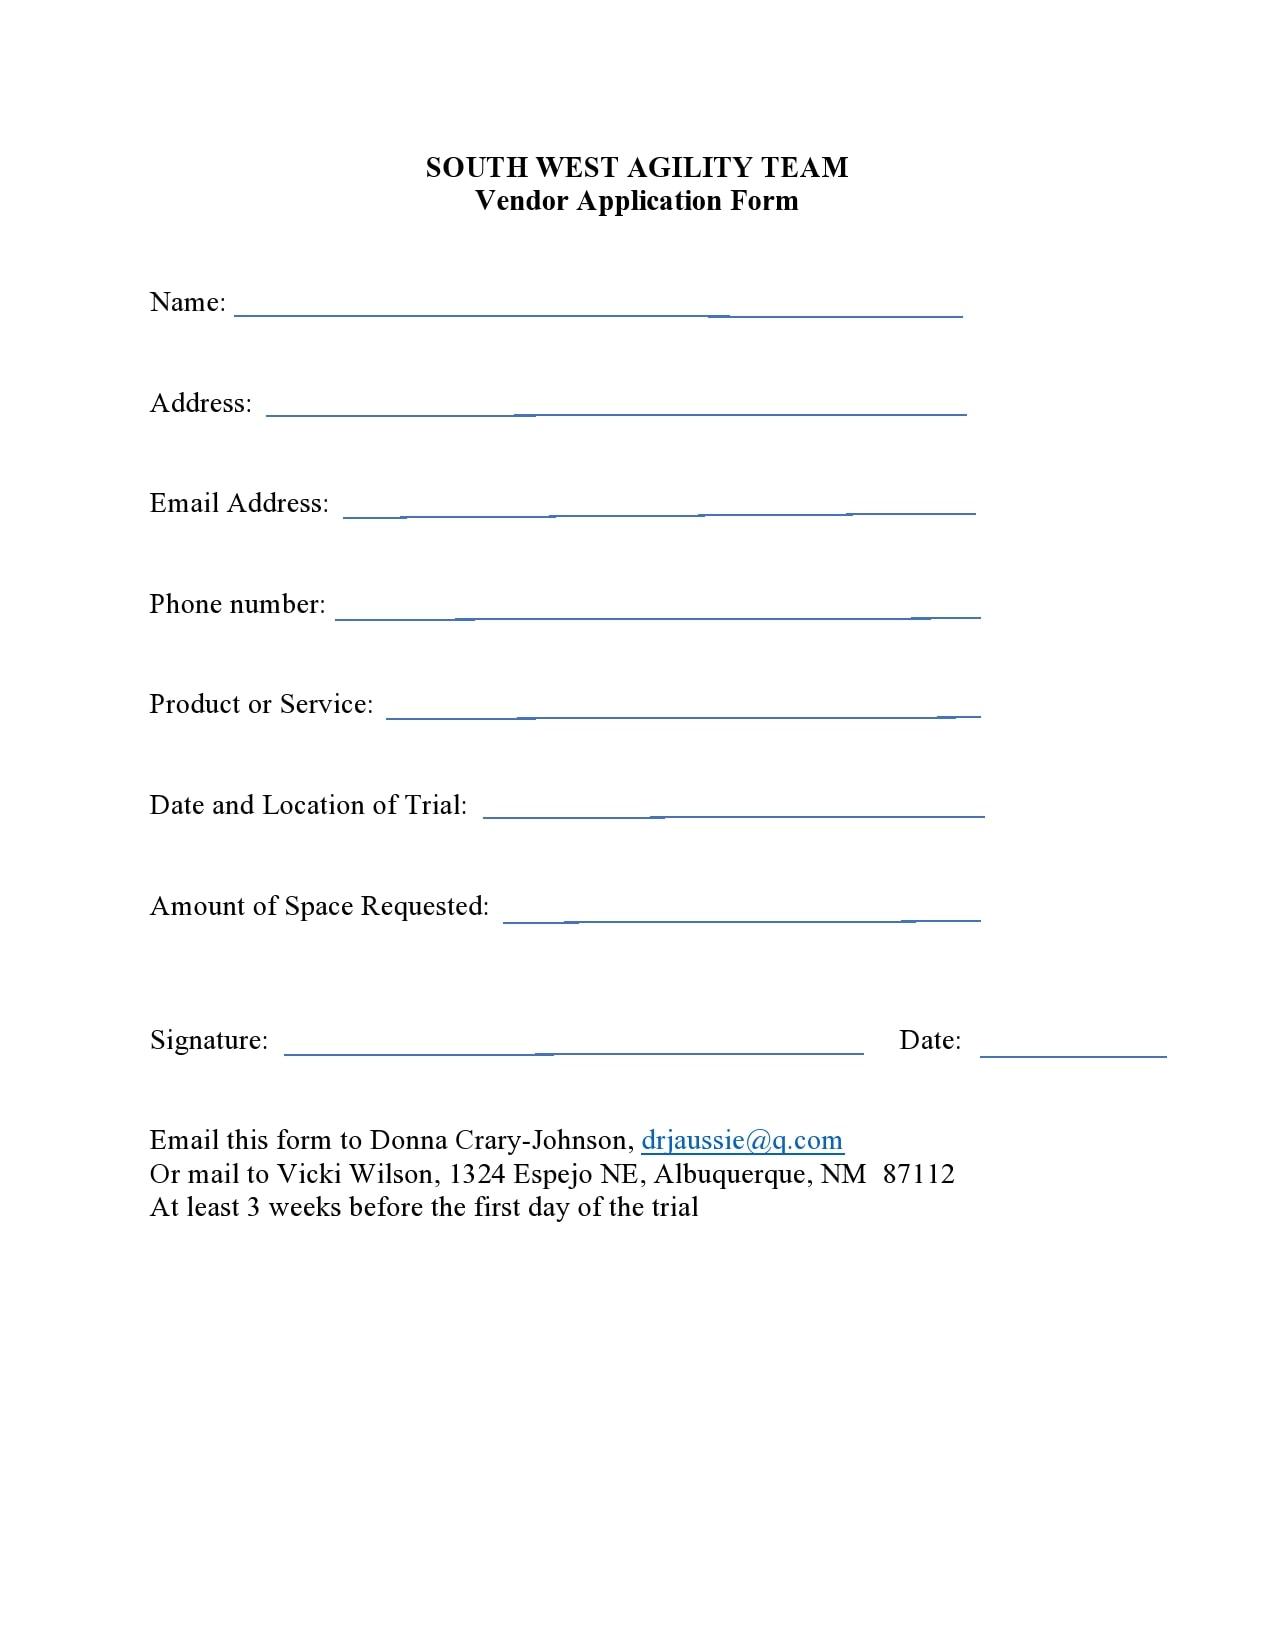 vendor application form 15